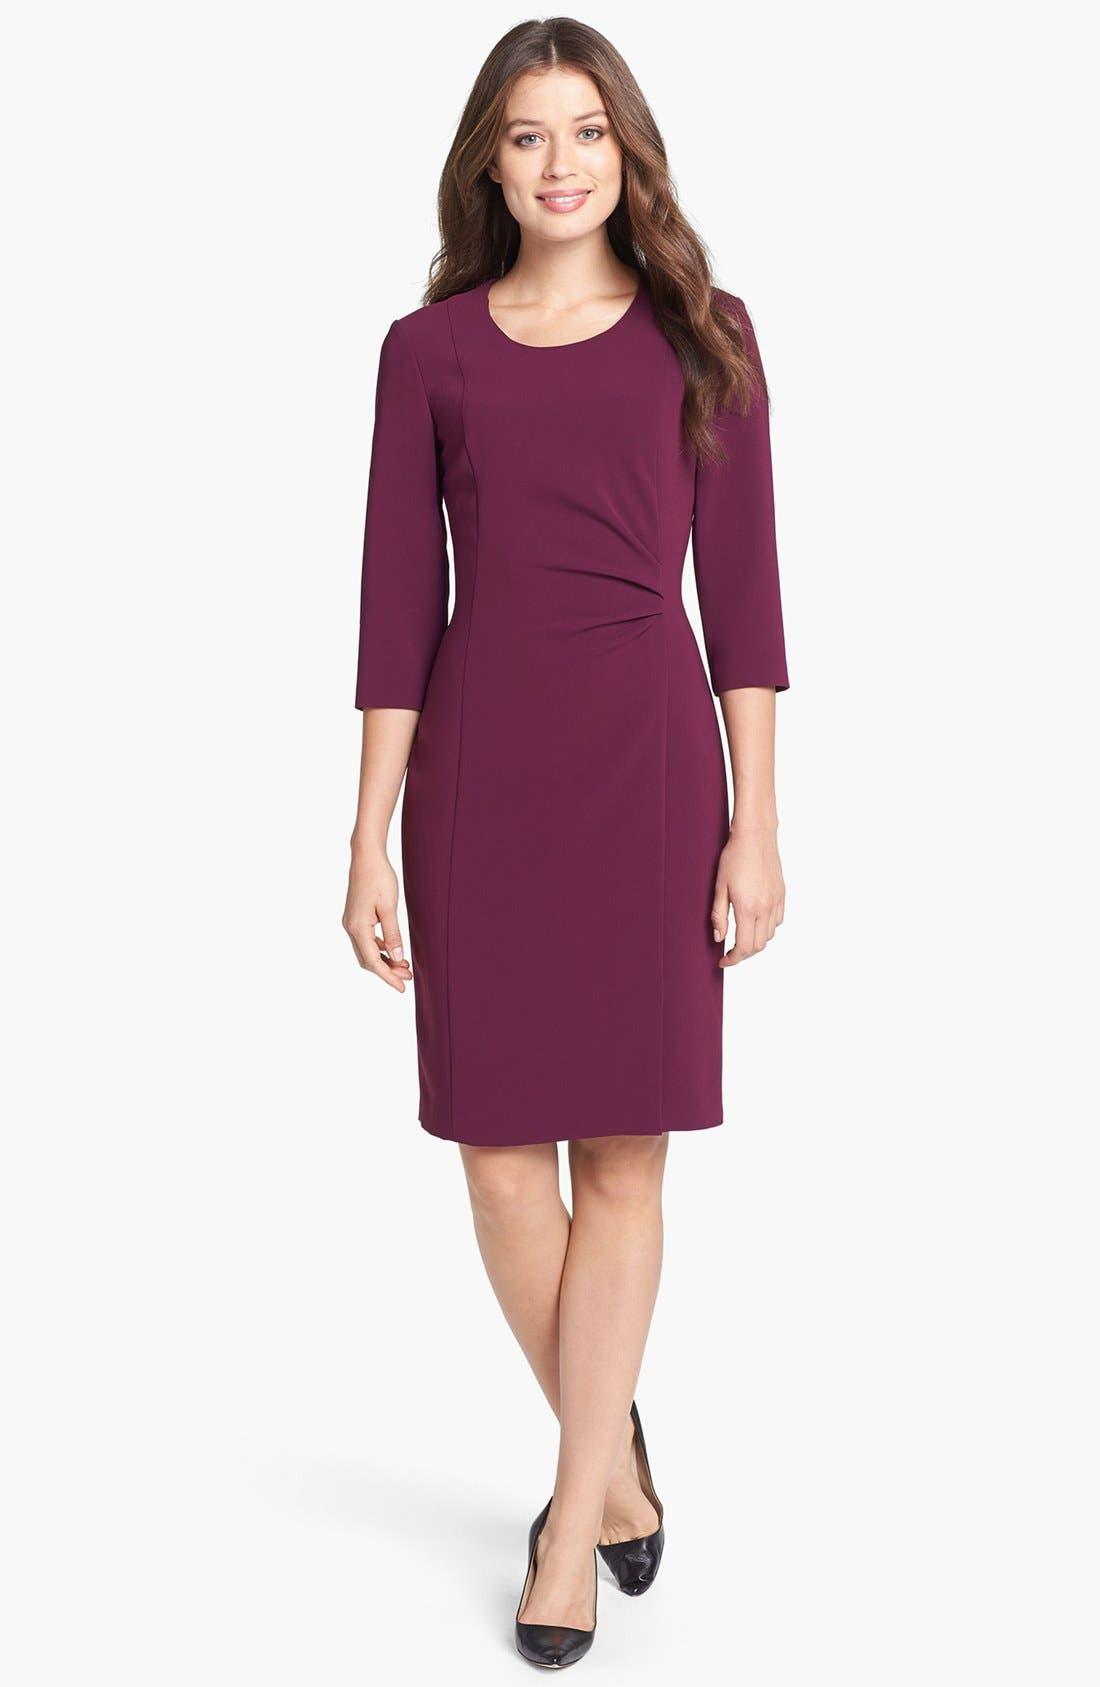 Alternate Image 1 Selected - BOSS HUGO BOSS 'Daperlina' Sheath Dress